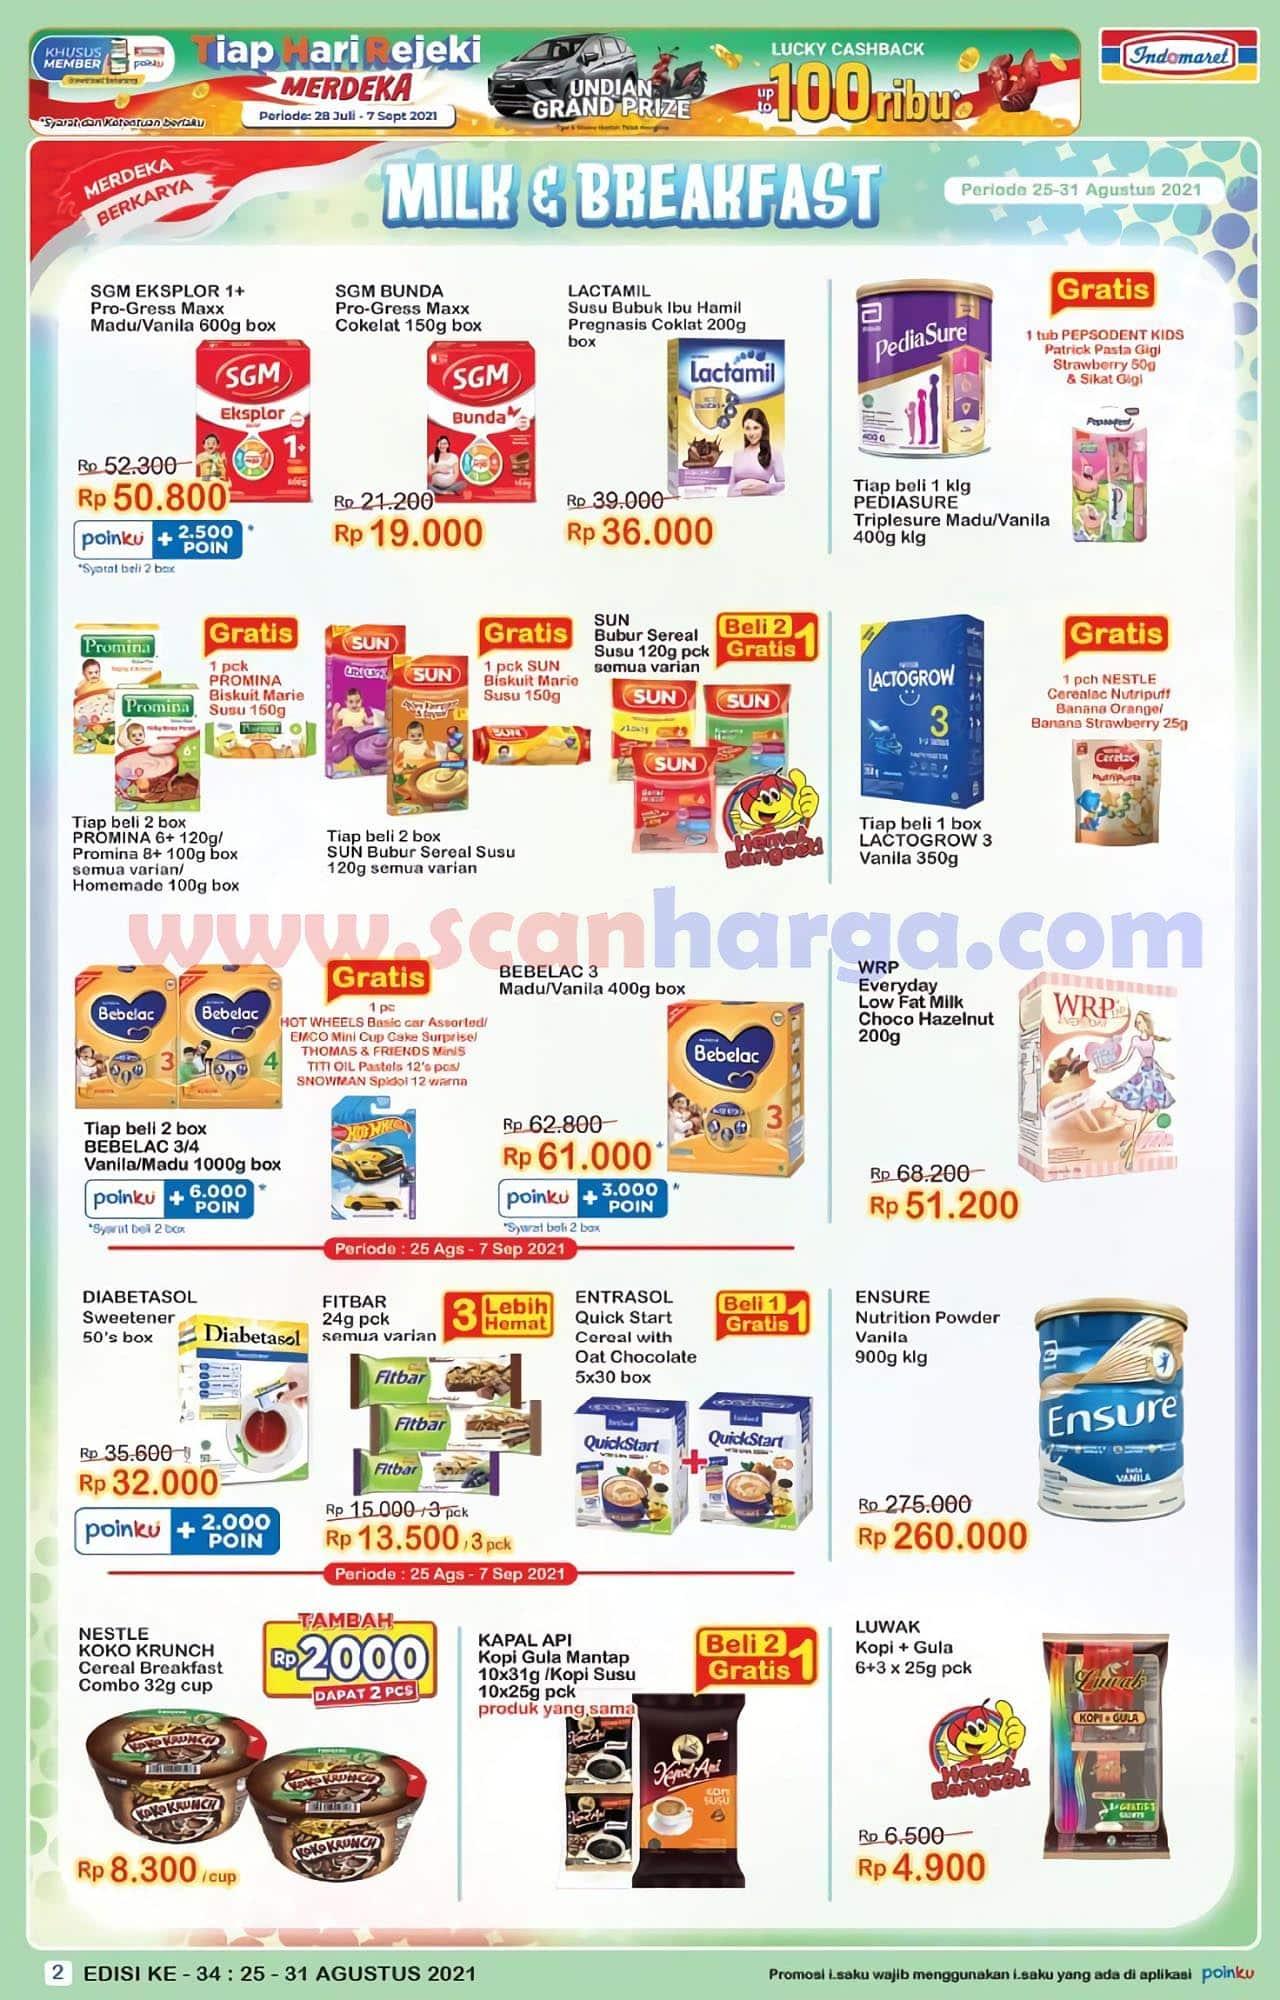 Katalog Promo Indomaret 25 - 31 Agustus 2021 2